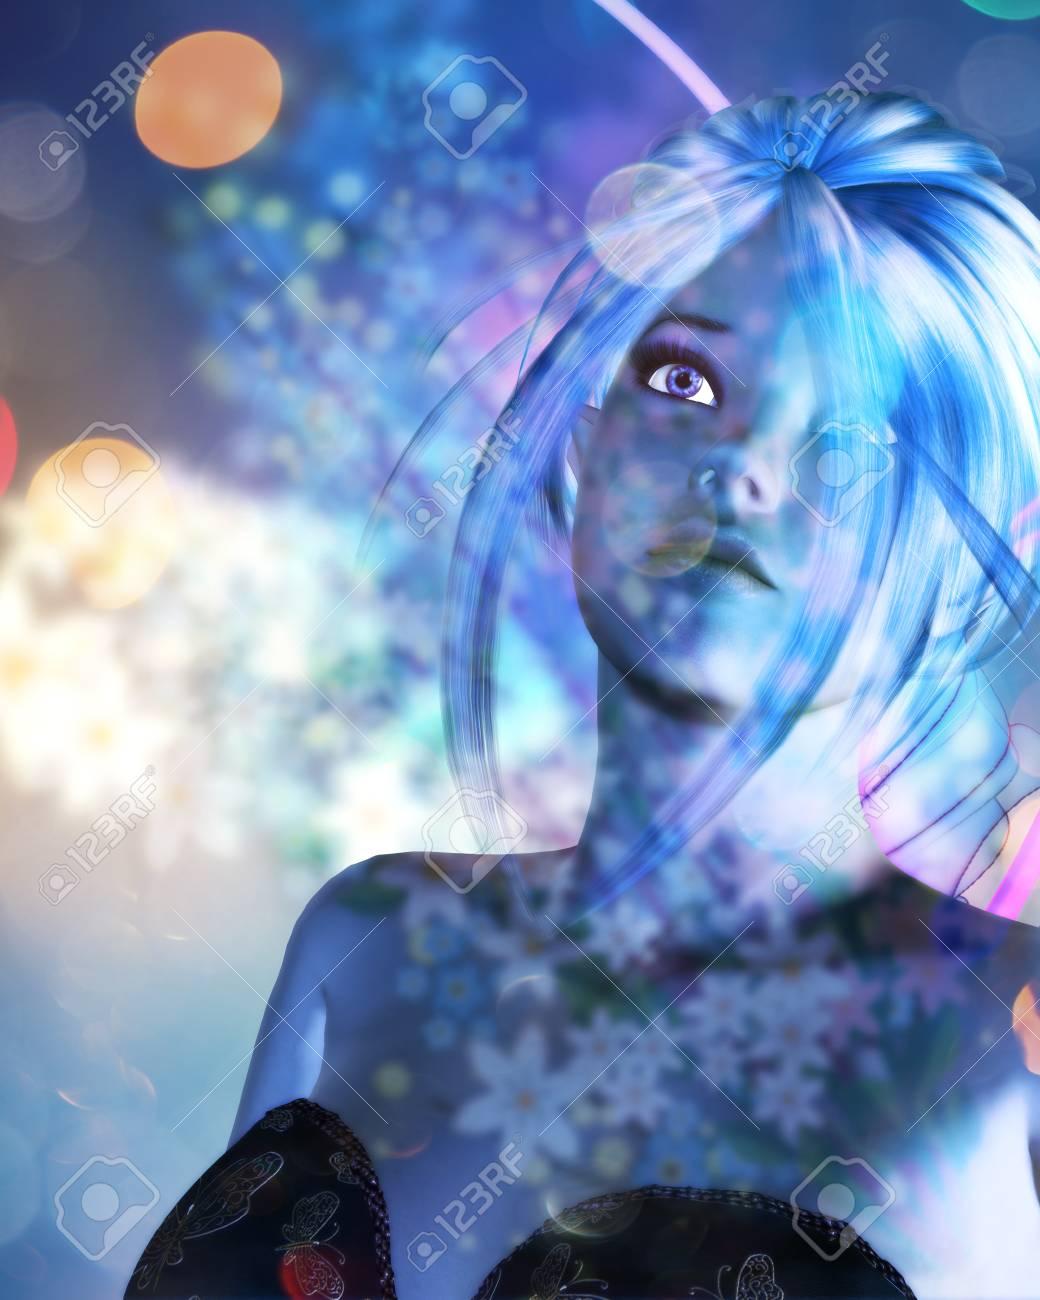 ボケ ライトとカラフルな背景の妖精とのファンタジー イラスト